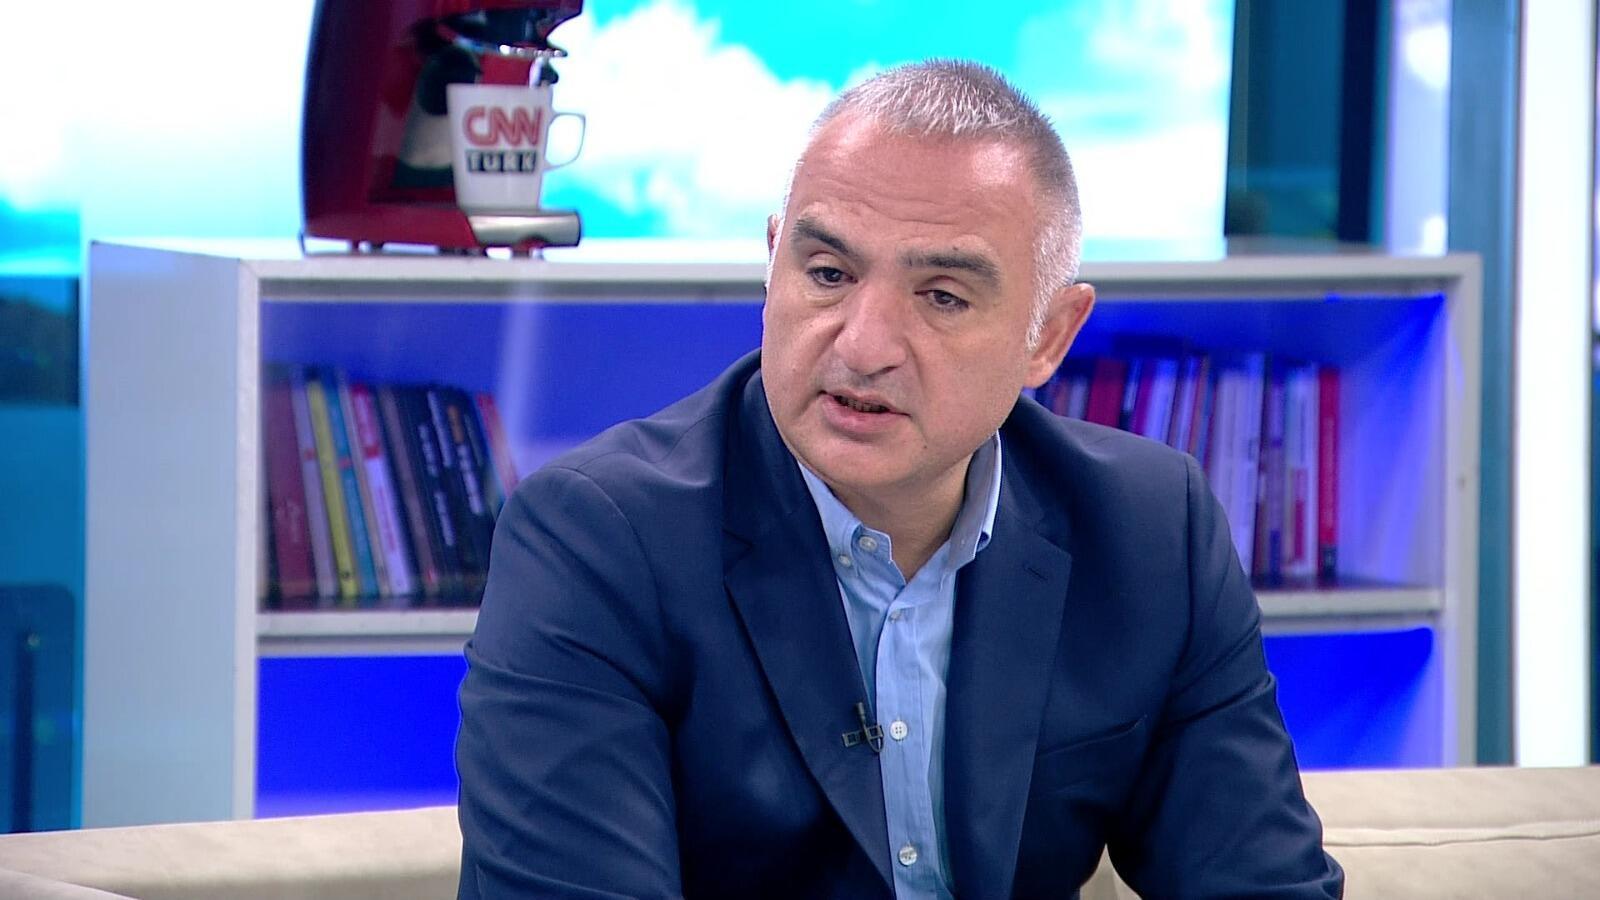 Kültür ve Turizm Bakanı Ersoy'dan çarpıcı sözler: Şimdi bir değişiklik vakti